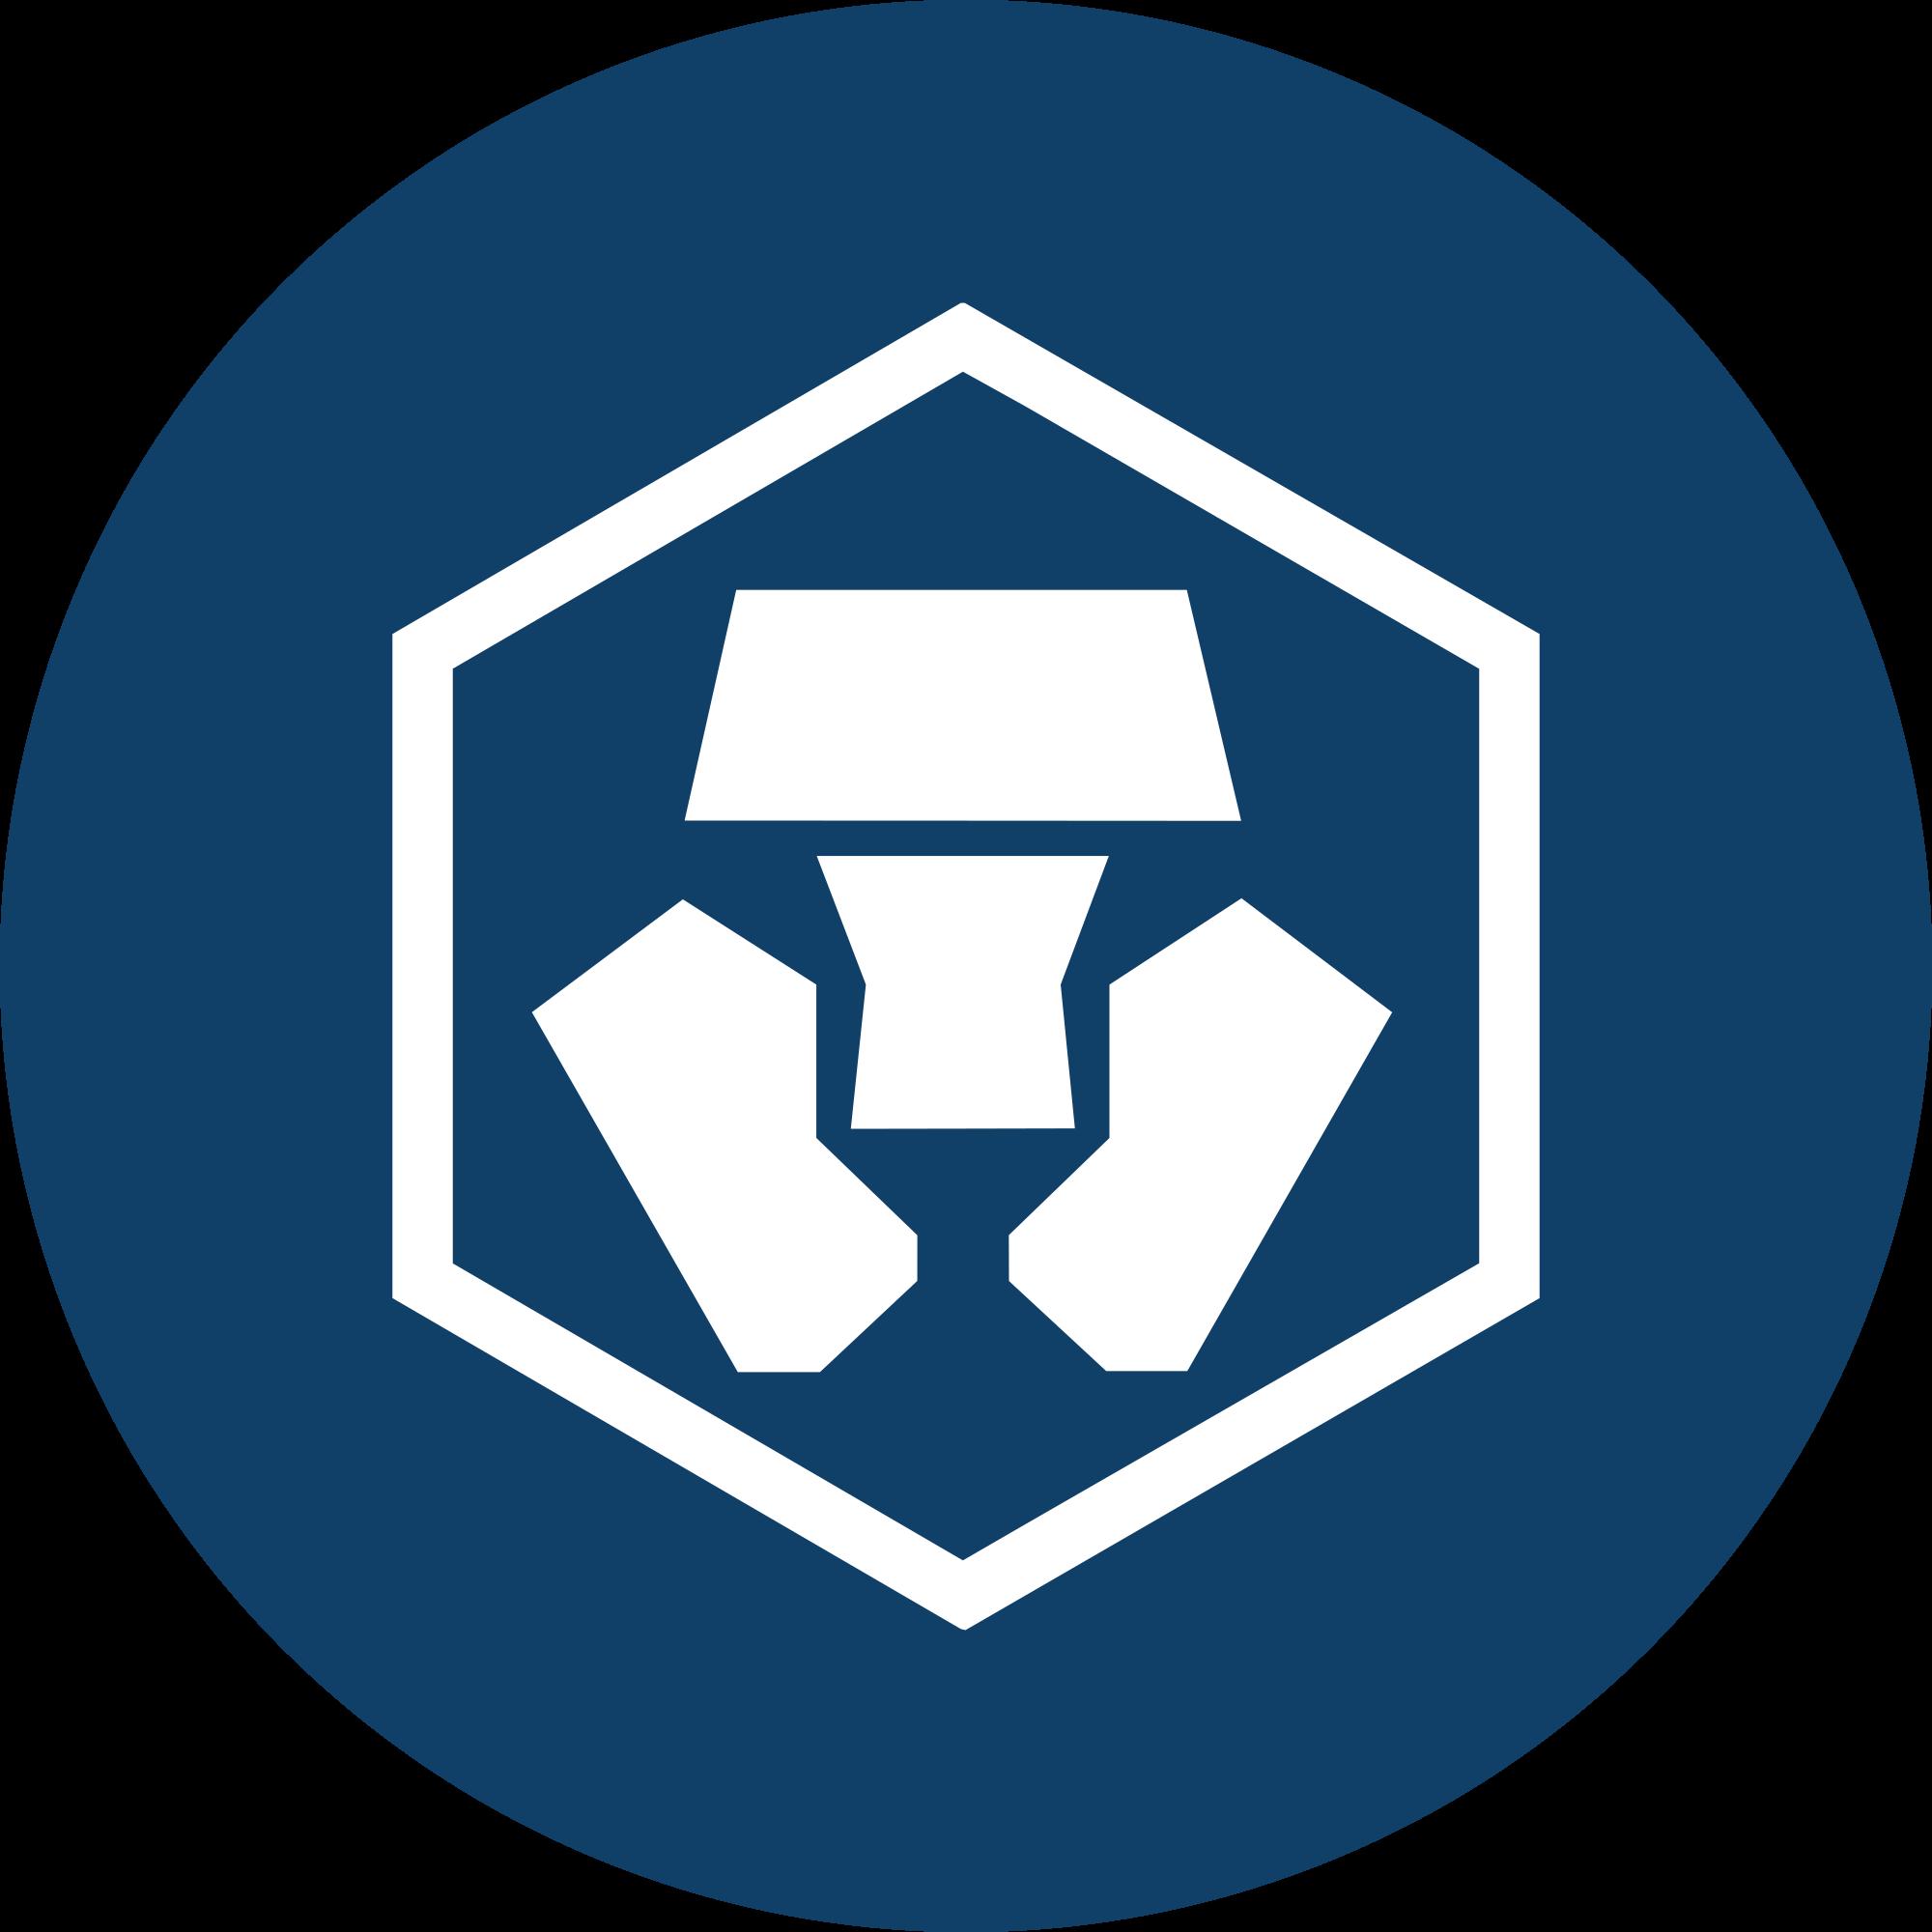 invest in crypto.com tokens cro